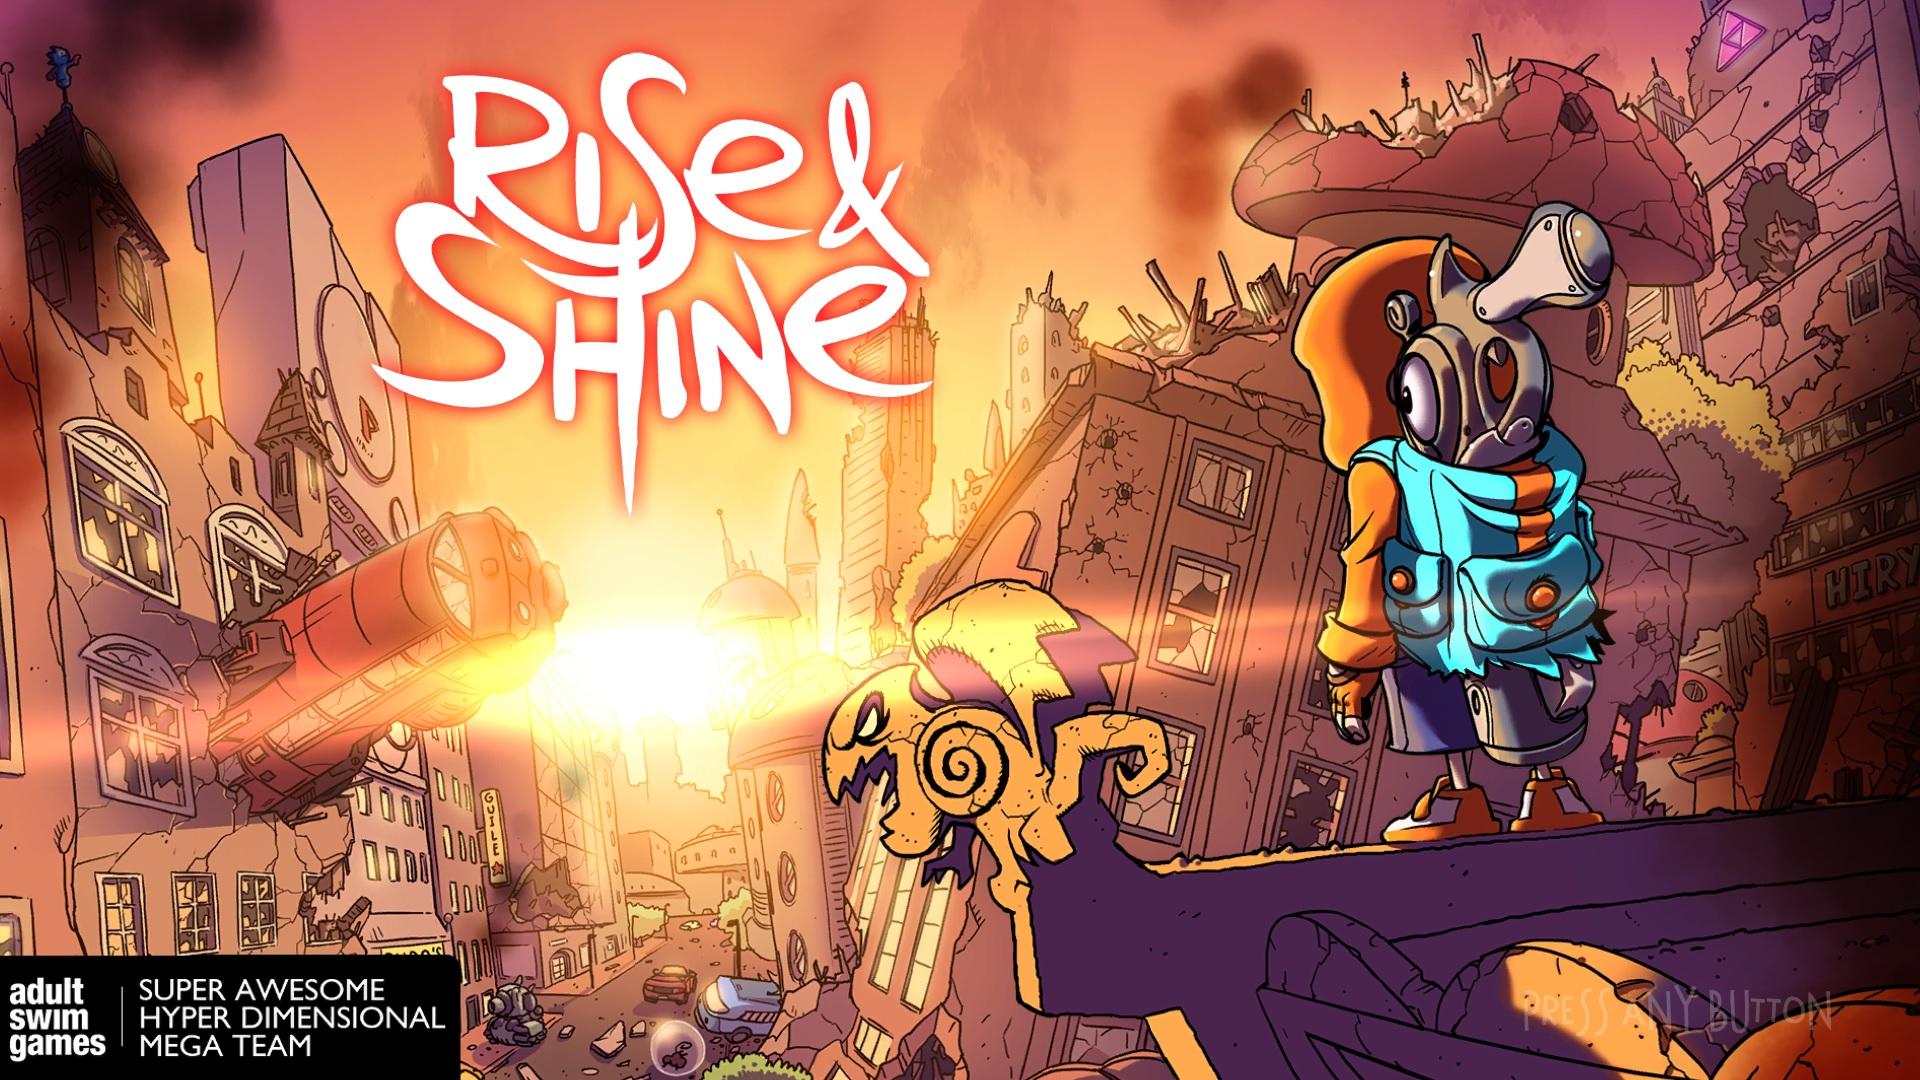 Rise & Shine - s revolverem proti vesmírné invazi 136975